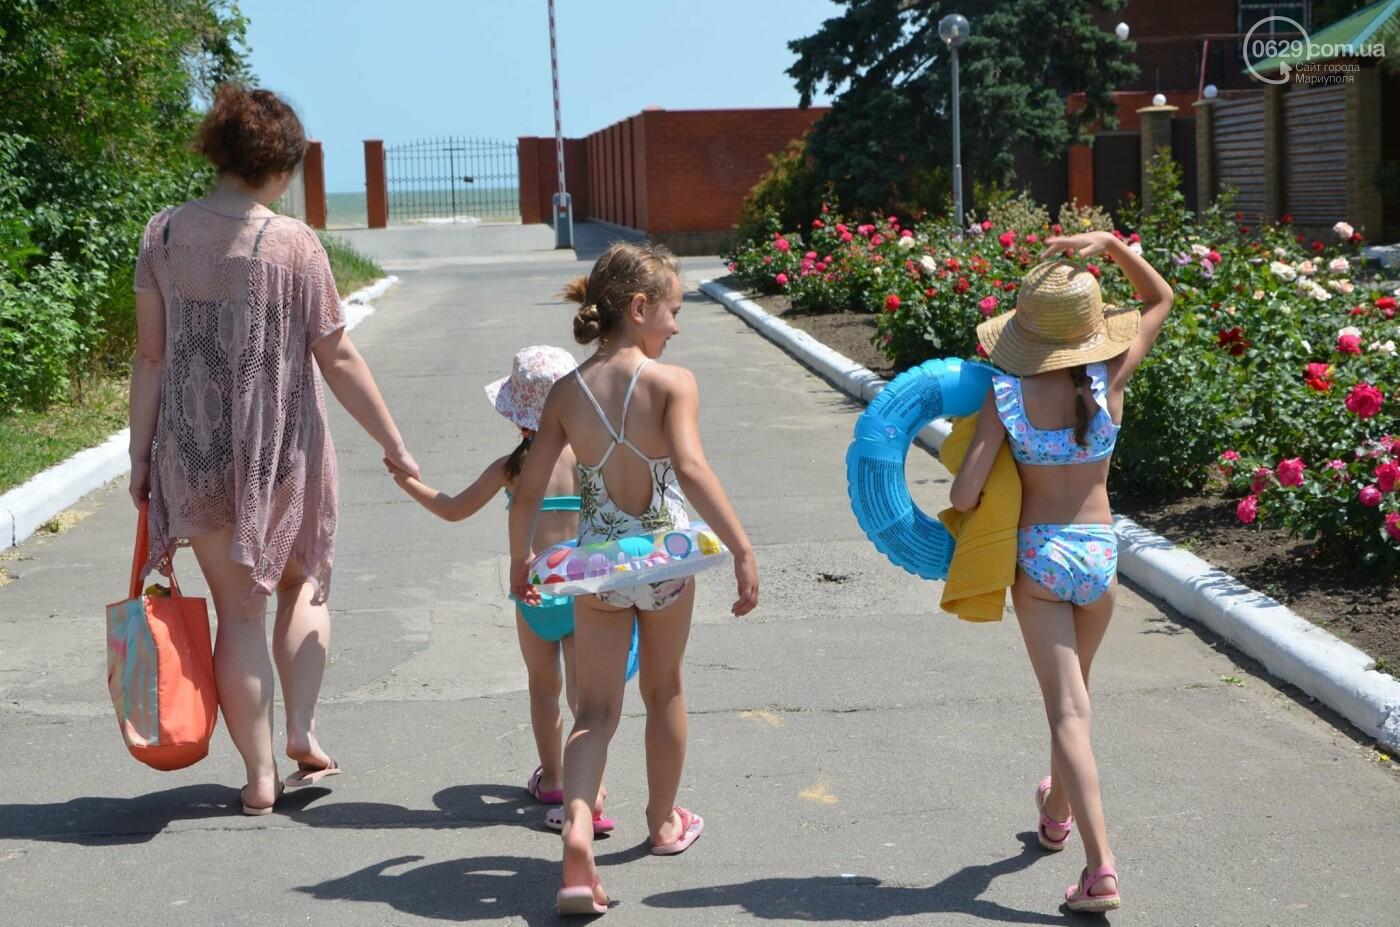 База «Троянда» корпус №5 в Мелекино - комфортный отдых у самого моря!, фото-1